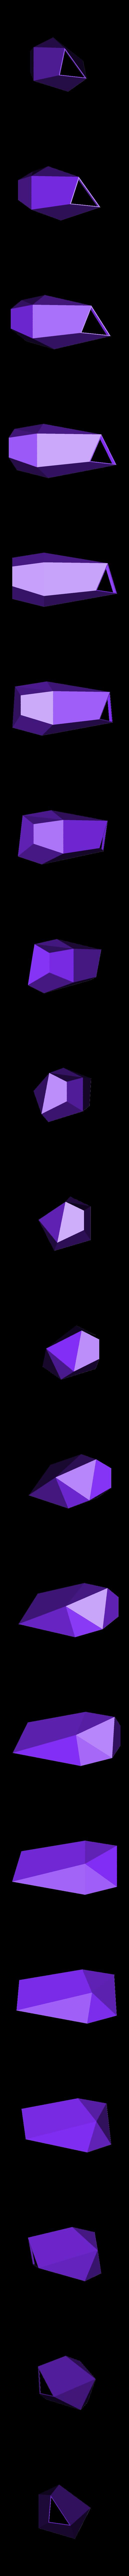 XYZ_VASE_LARGE.STL Télécharger fichier STL gratuit FACET VASE • Modèle imprimable en 3D, XYZWorkshop